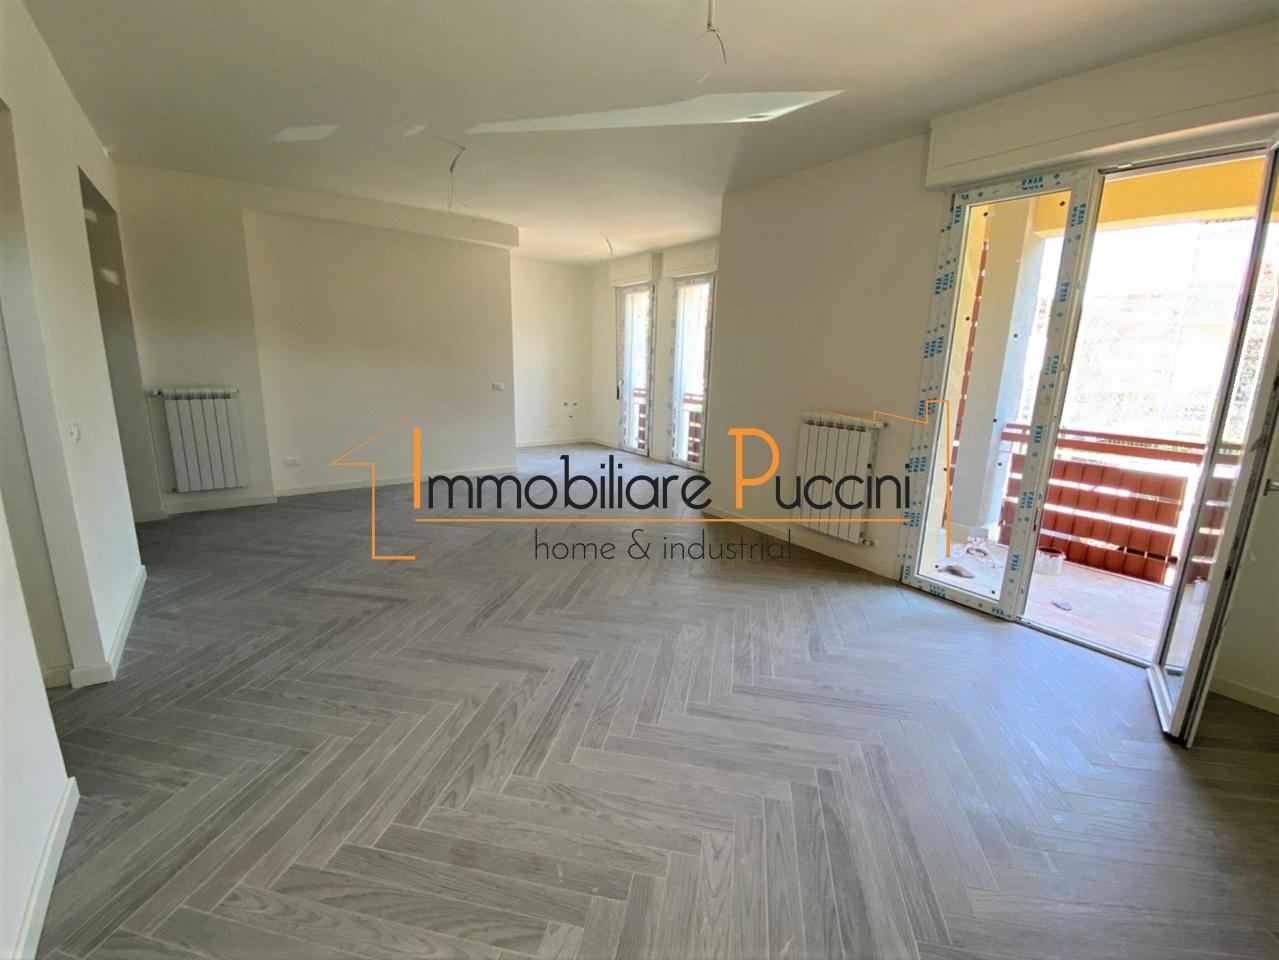 Appartamento in vendita a Calenzano, 3 locali, prezzo € 248.000   CambioCasa.it